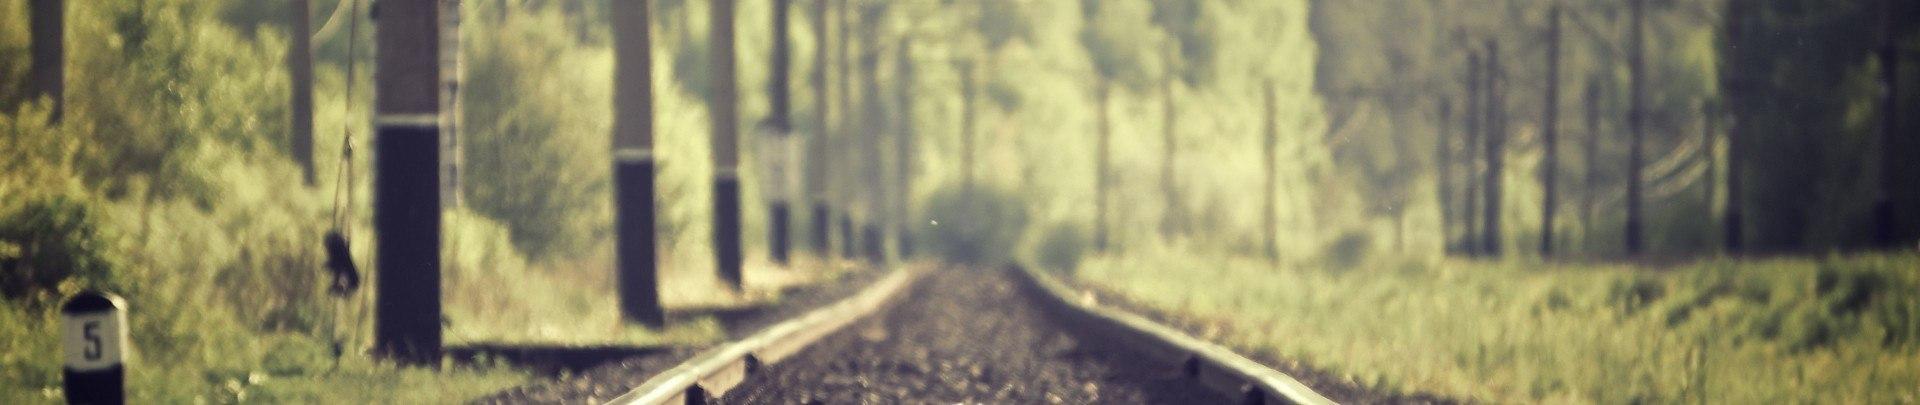 Foto: Schienenstrang zum Horizont